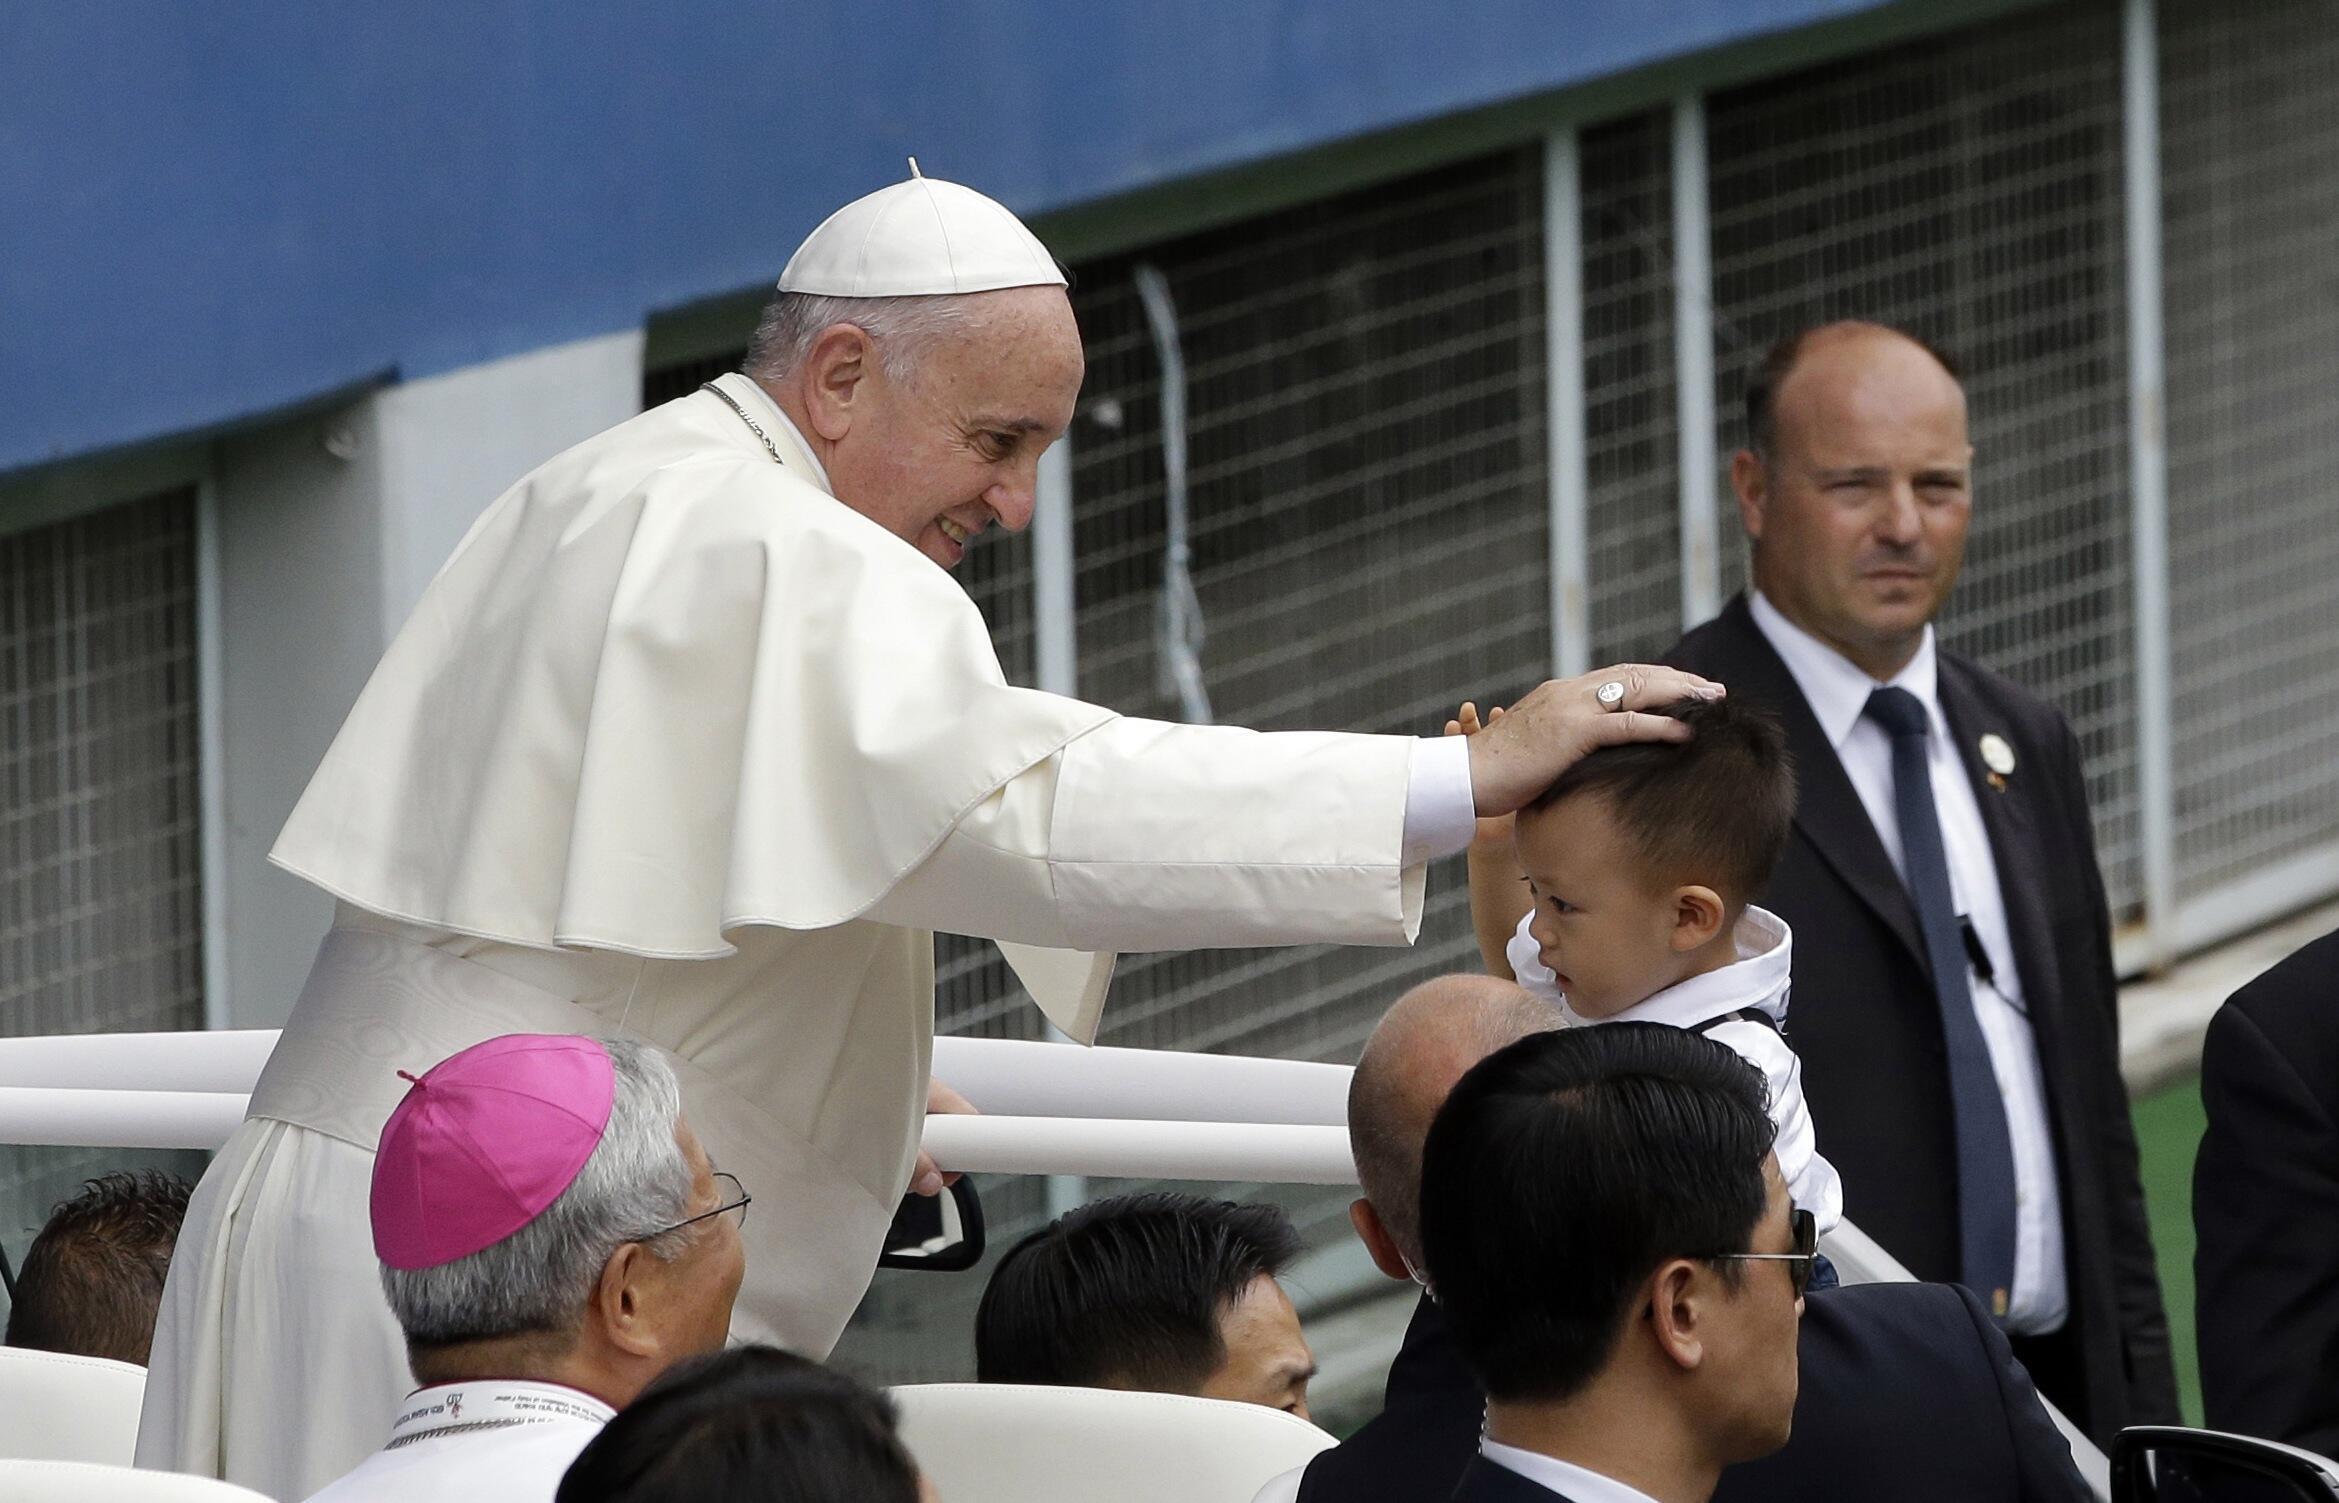 Giáo hoàng Phanxicô ban phước lành nhân ngày lễ Đức Mẹ lên trời tại Seoul - REUTERS /Lee Jin-man